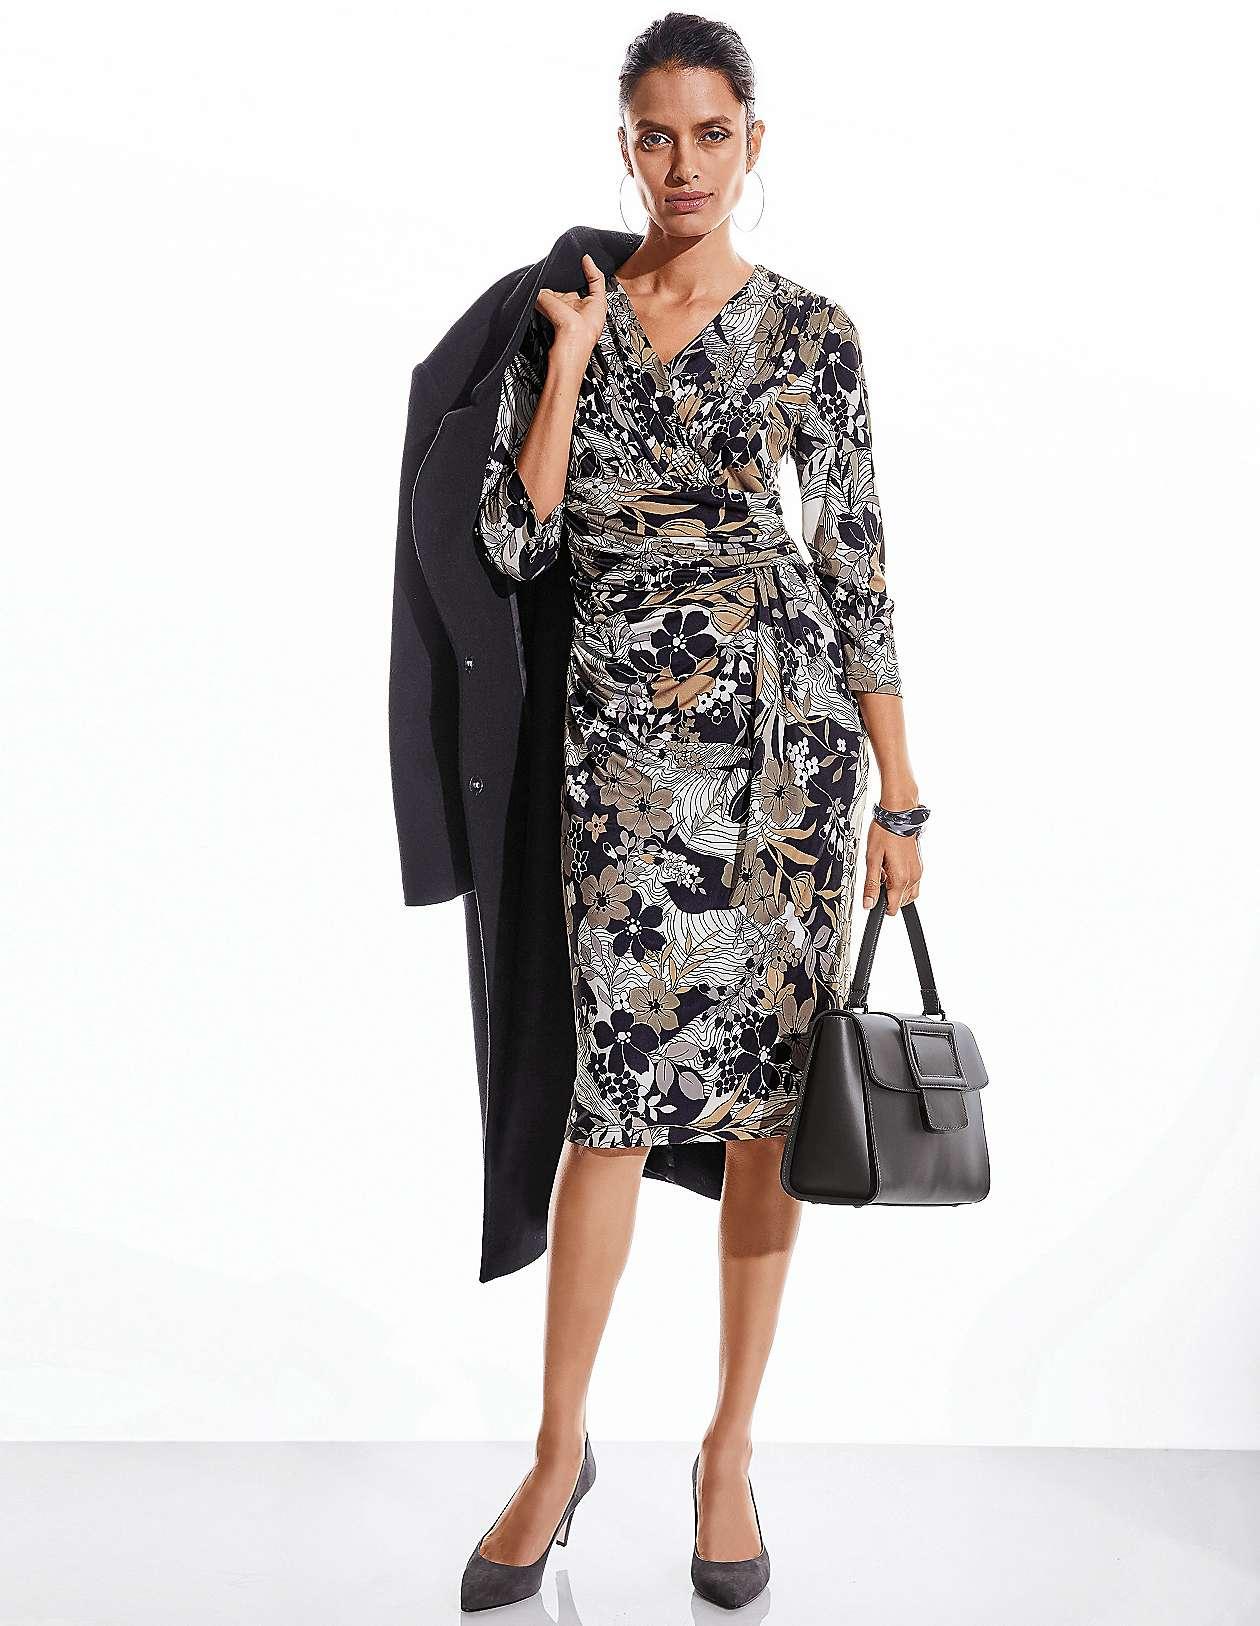 fc6c5b24a39848 Elegante Kleider für stilvolle Auftritte bestellen | MADELEINE Mode